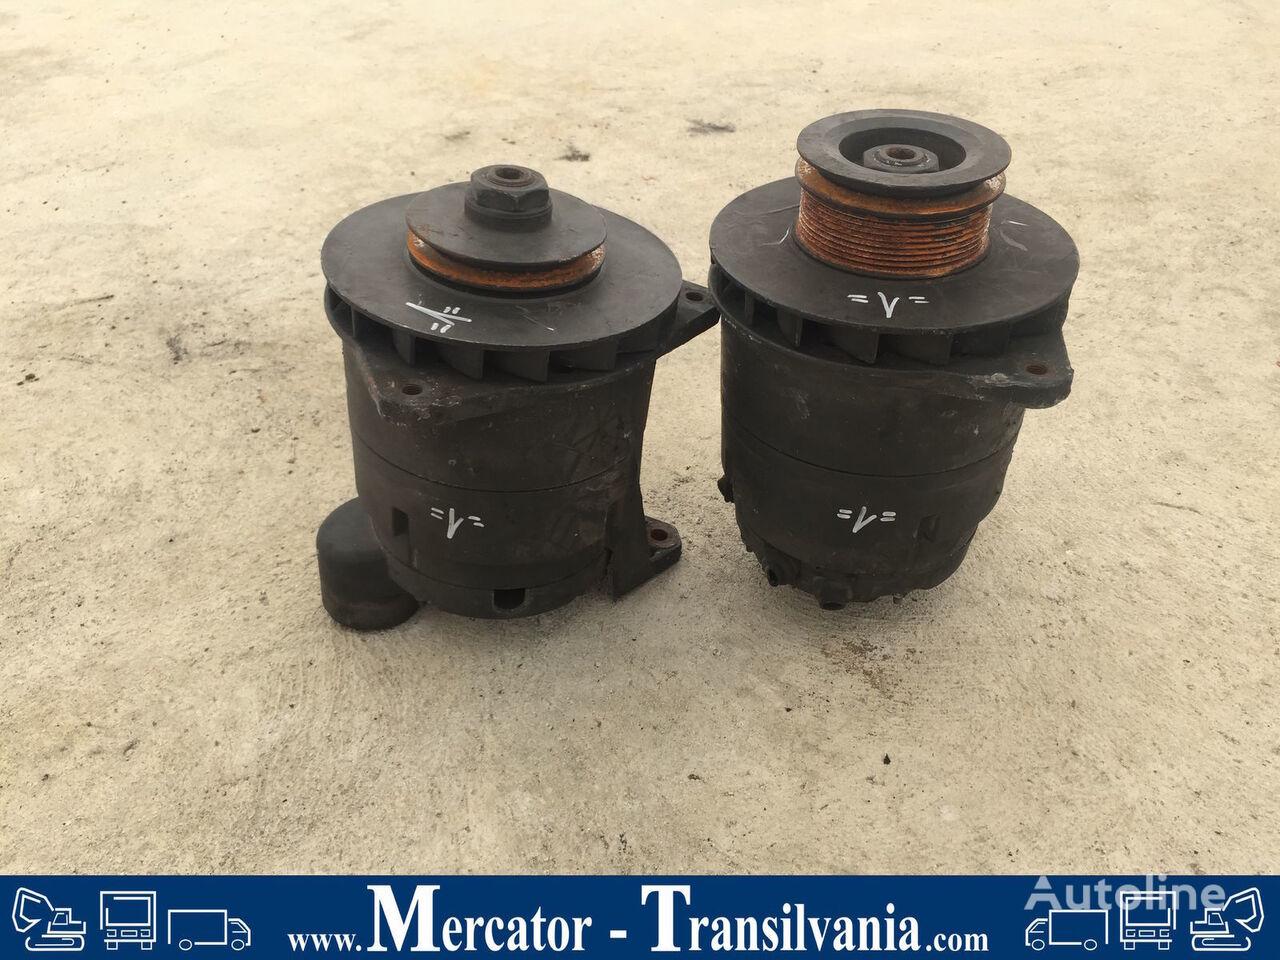 λεωφορείο MERCEDES-BENZ O 404, Citaro L, O 407, 405 G για γεννήτρια MERCEDES-BENZ